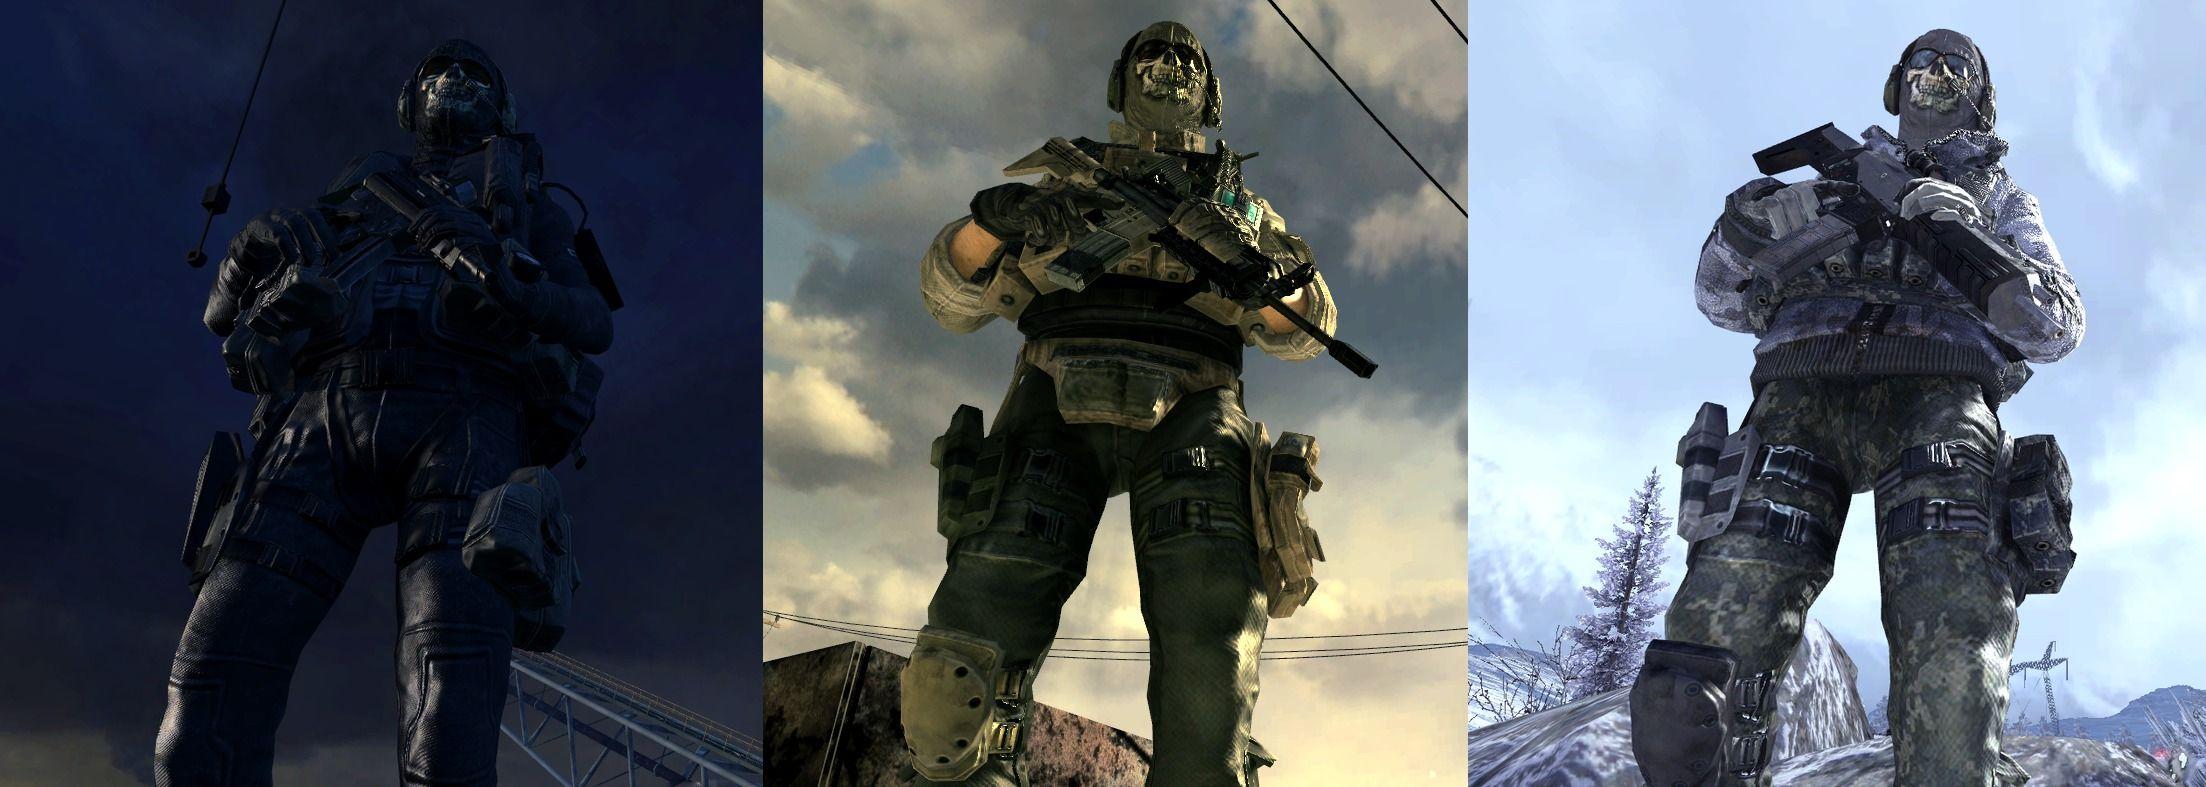 Call of Duty: Modern Warfare 2 - Simon